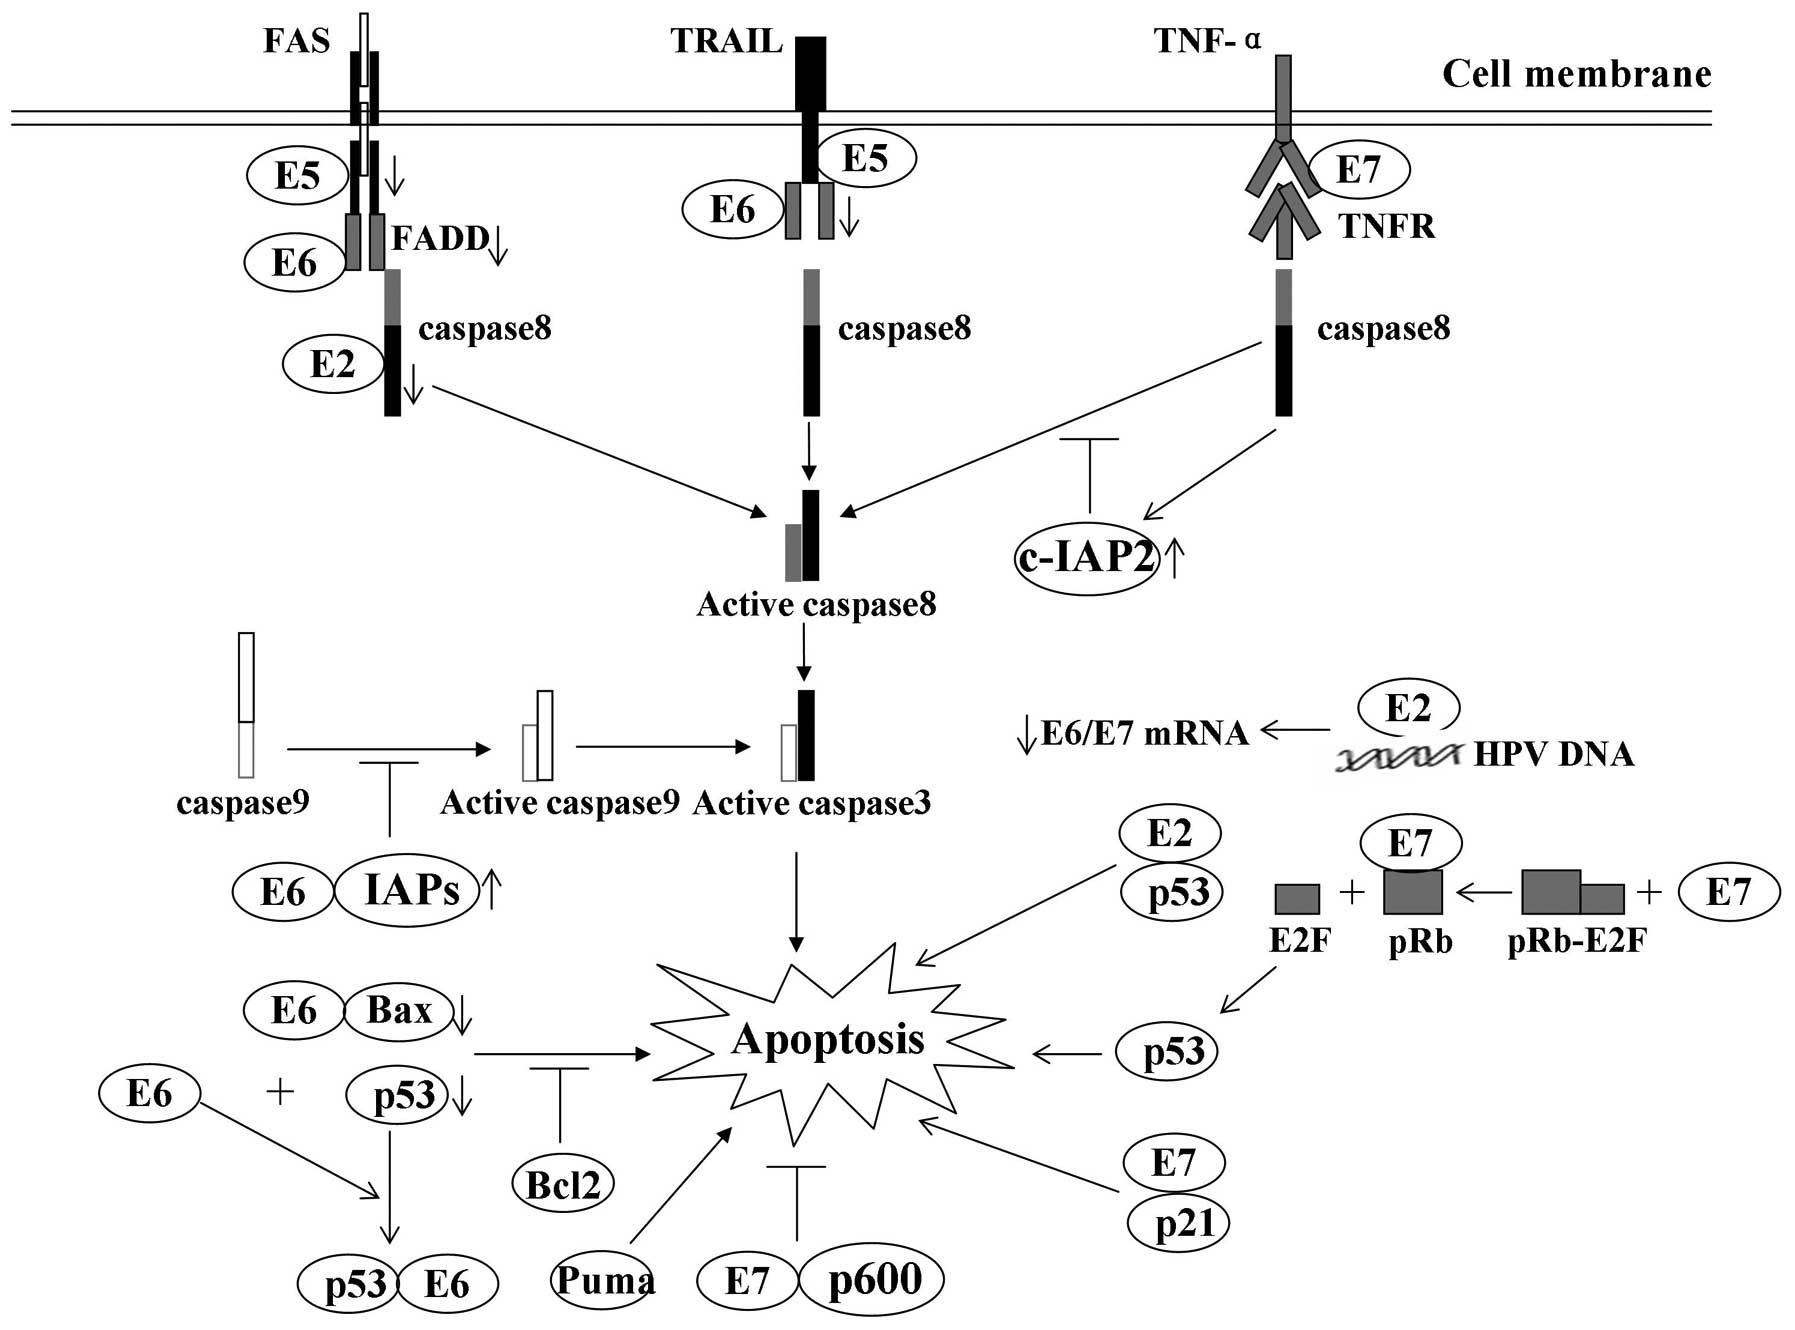 human papillomavirus oncoproteins)